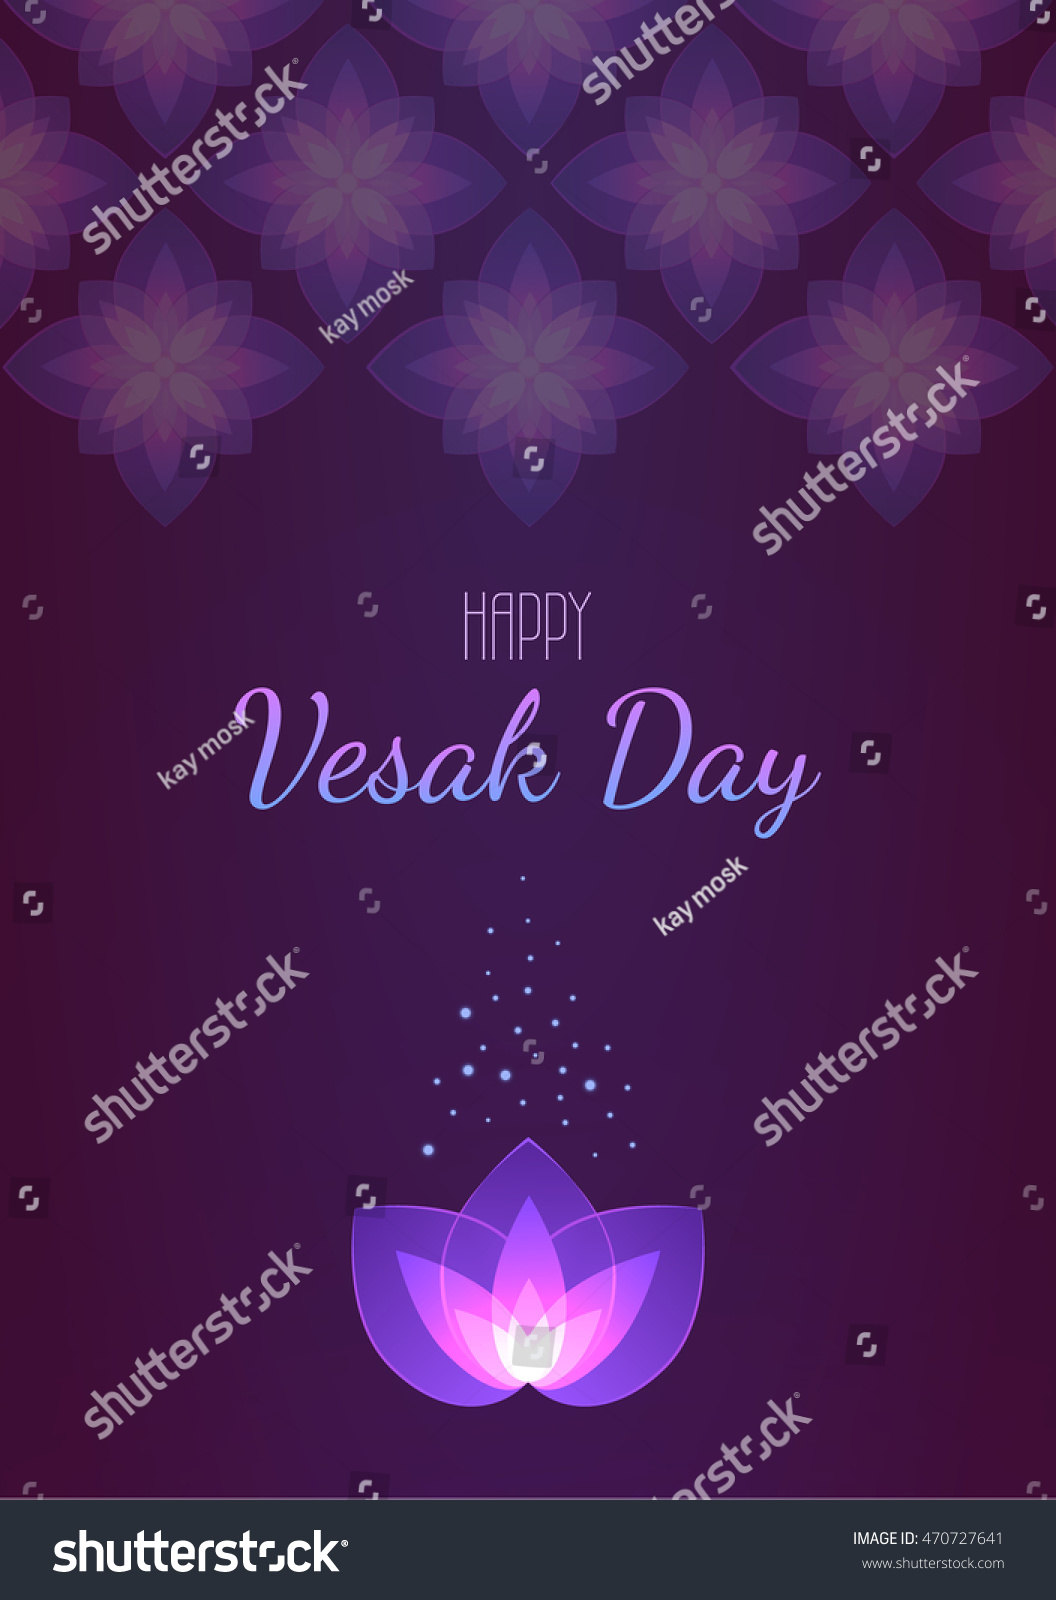 Vesak Day Background Vertical Banner Vector Stock Vector Royalty